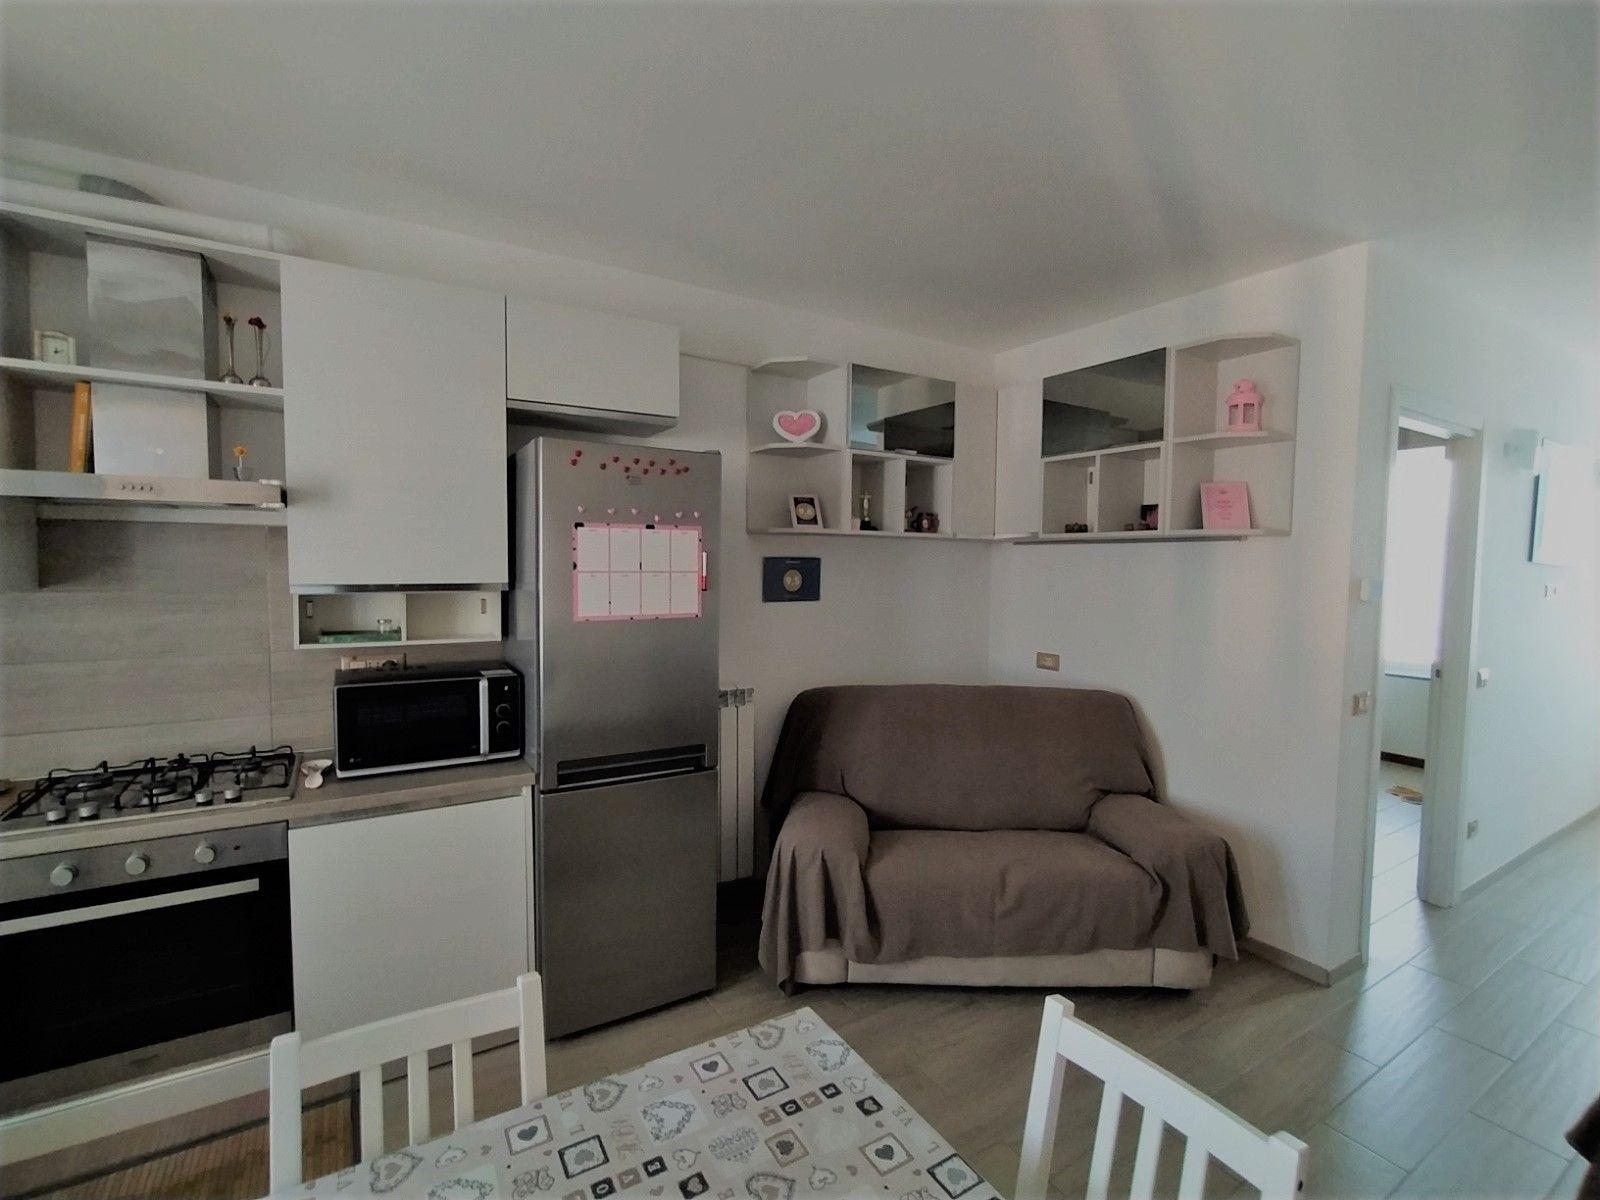 appartamento-in-vendita-a-rho-spaziourbano-immobiliare-vende-monolocale-mono-milano-fiera-7